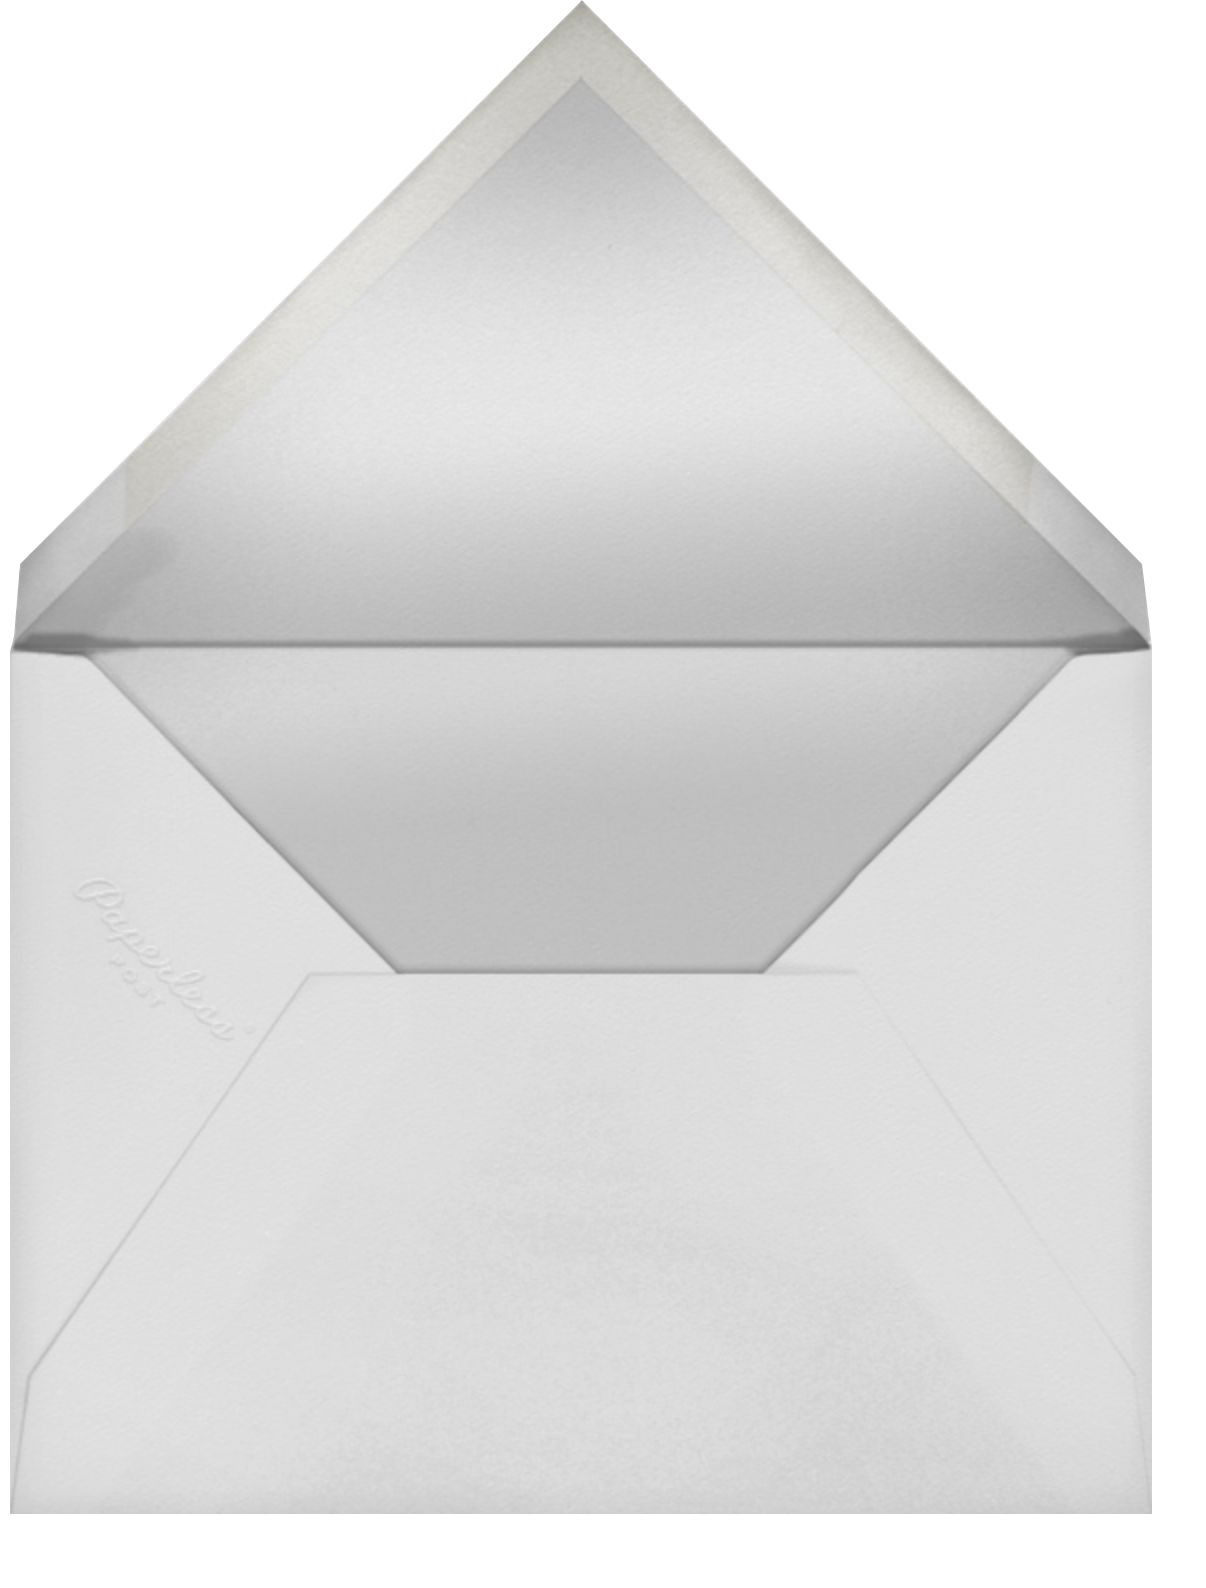 Channels (Menu) - White/Black - Kelly Wearstler - Menus - envelope back